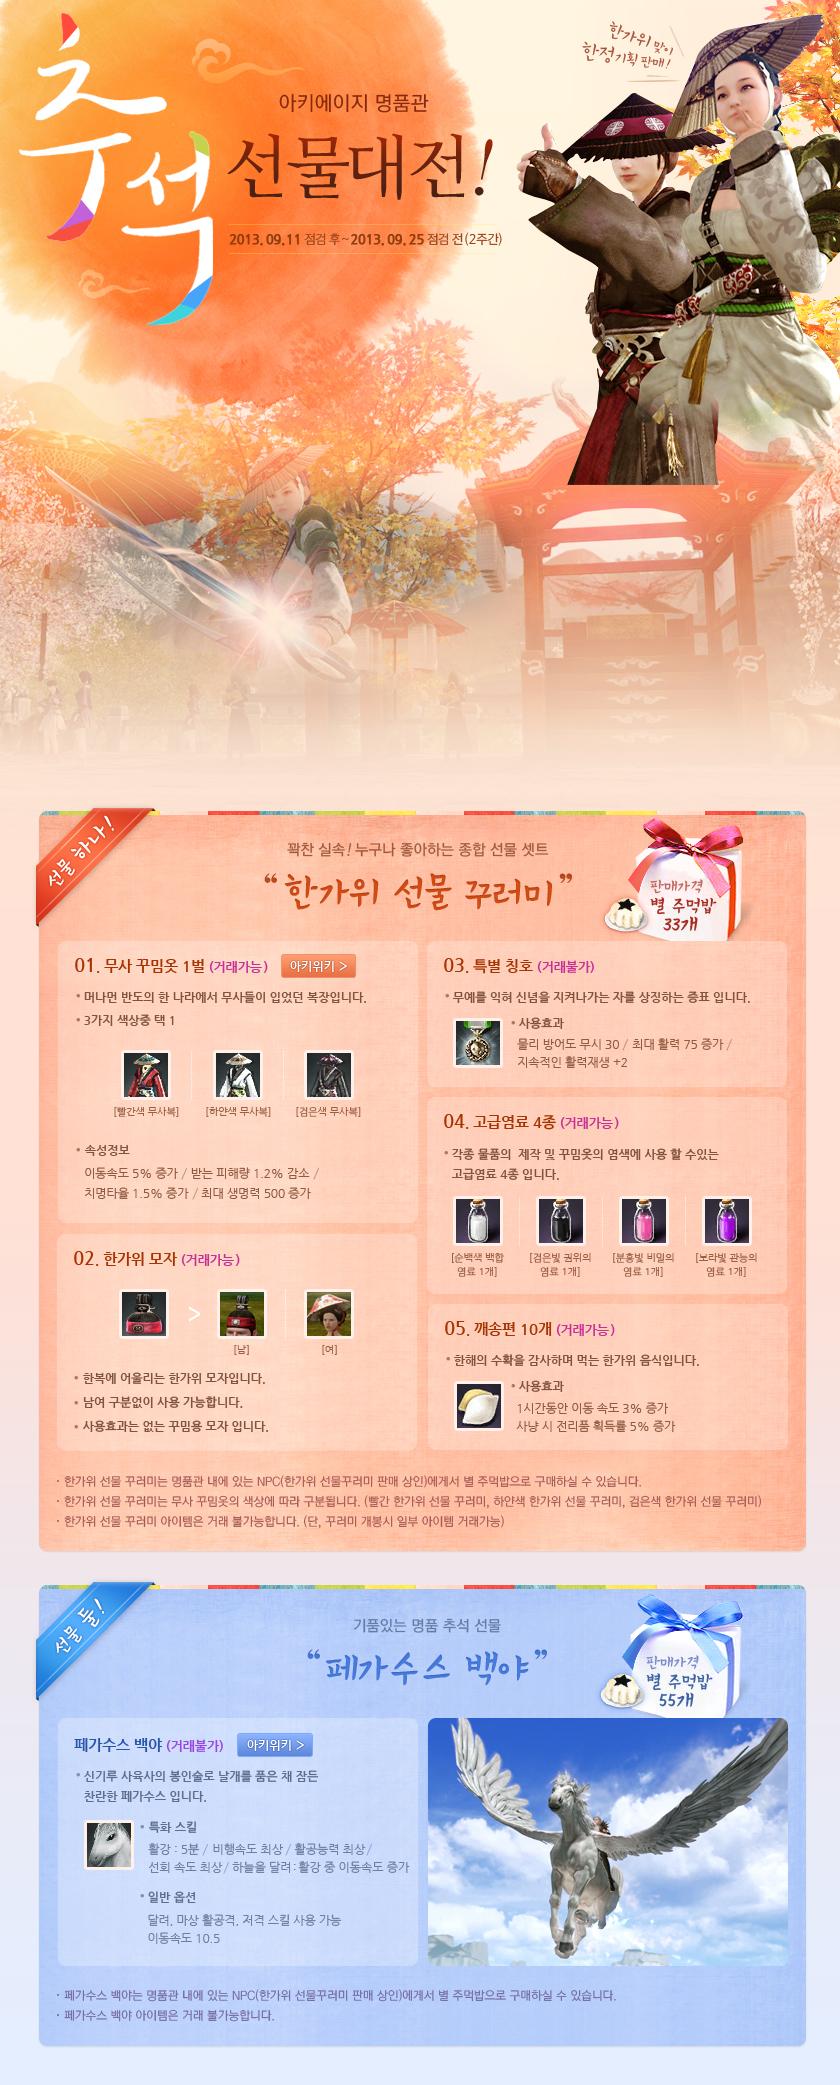 event_chuseok_img